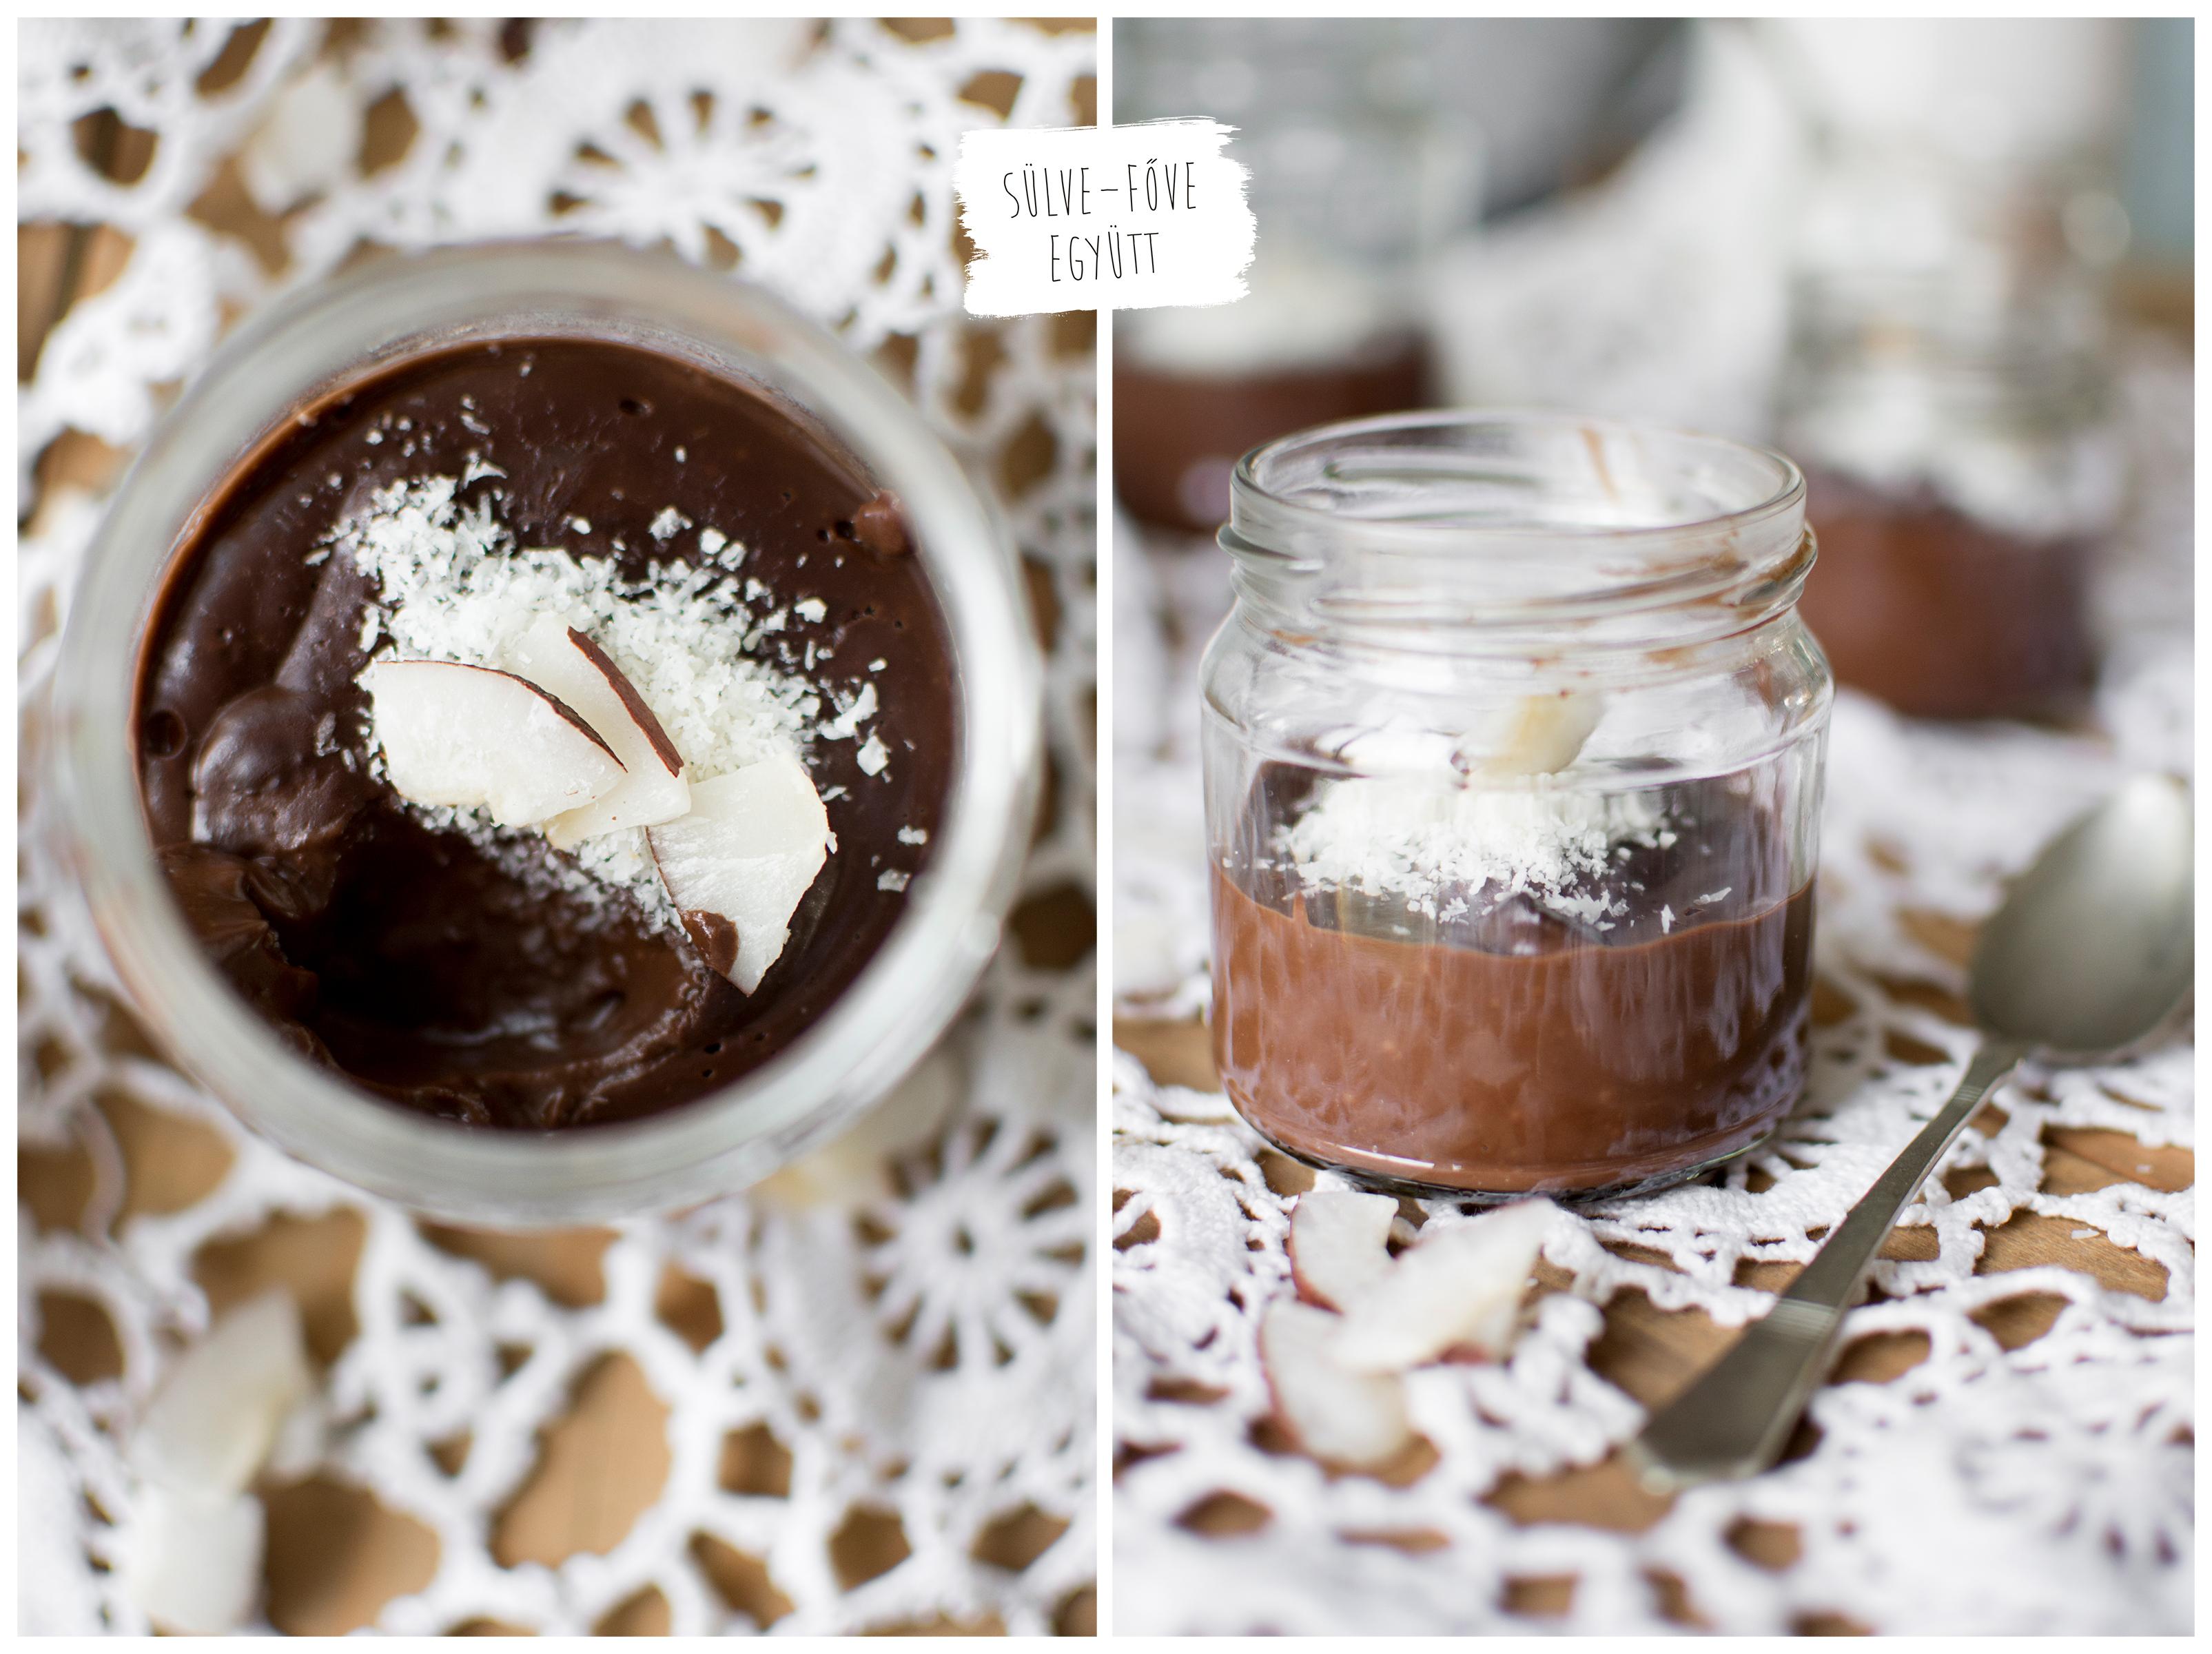 csokipuding.jpg